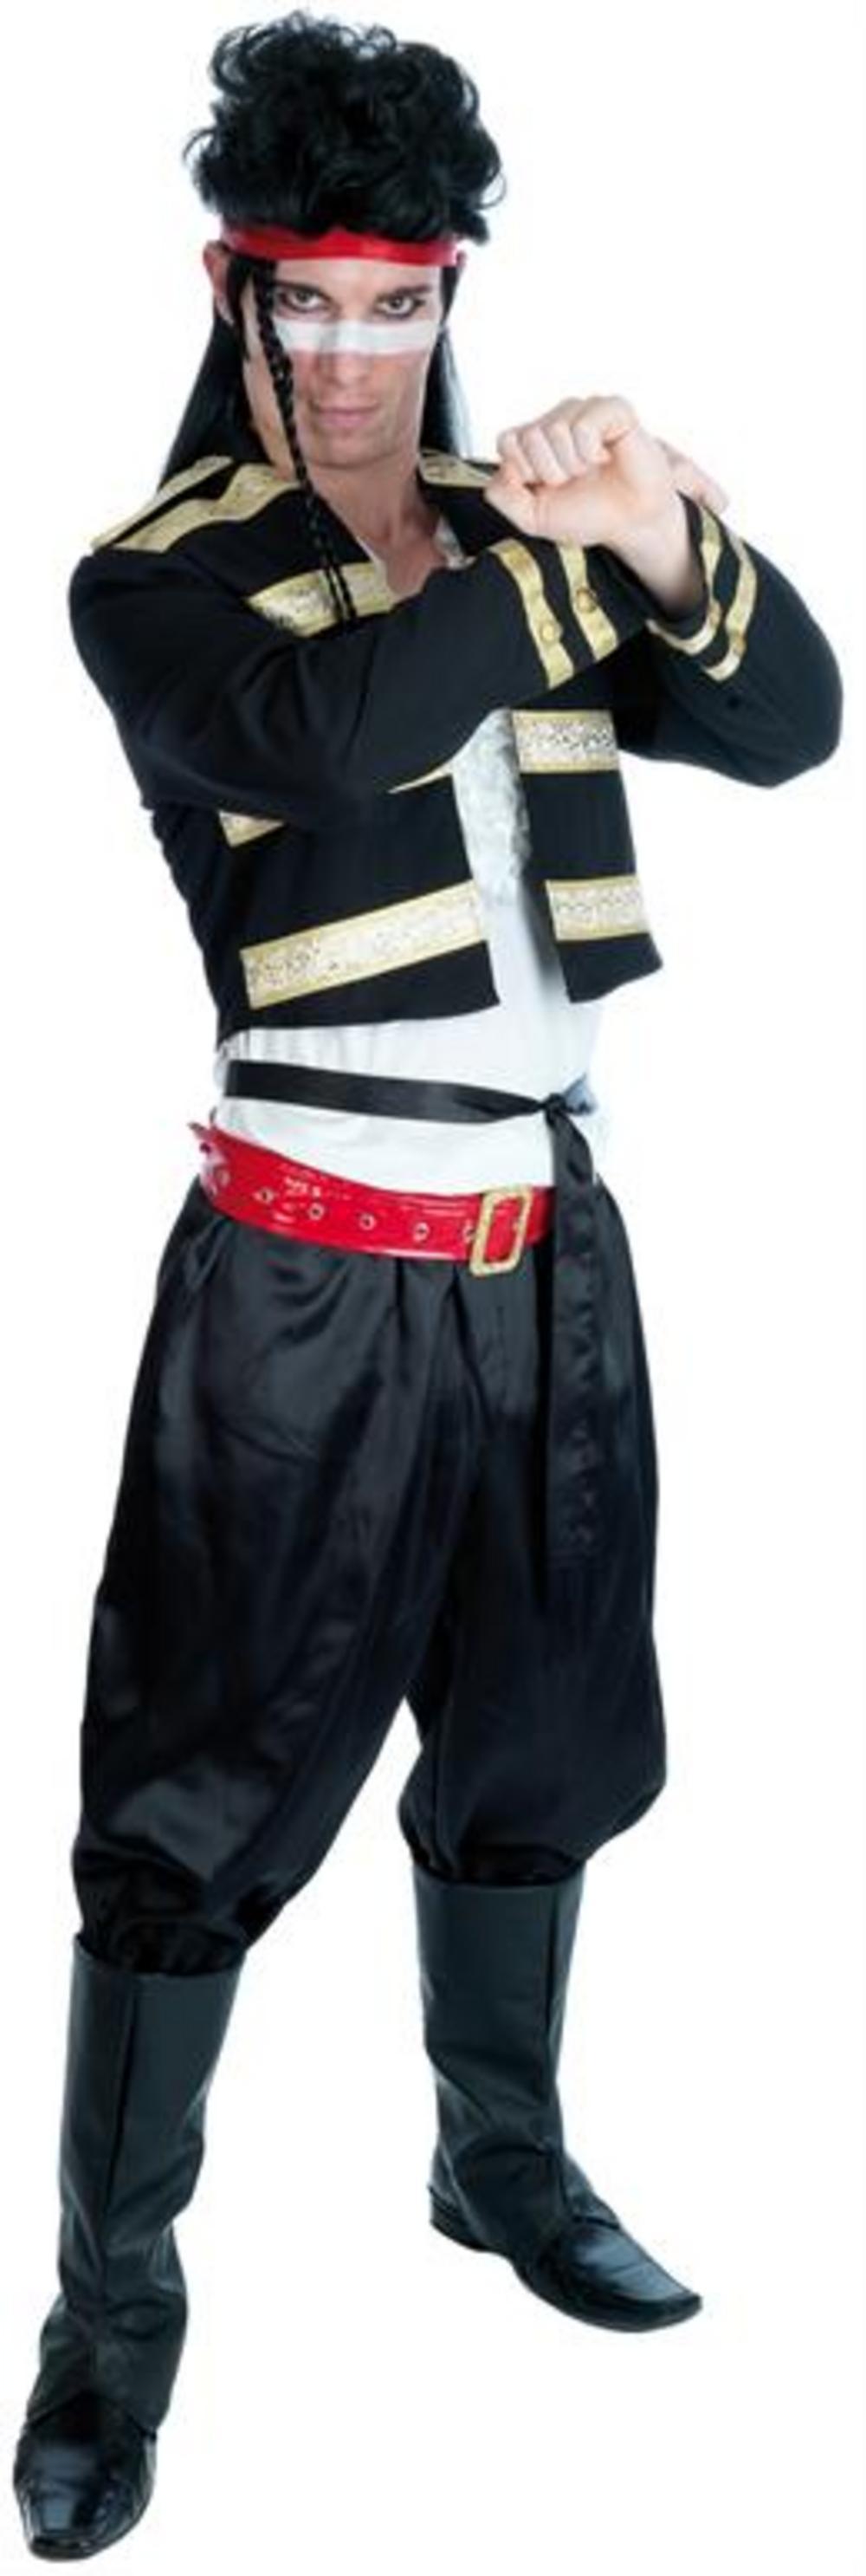 80s New Romantic Adam Ant Costume